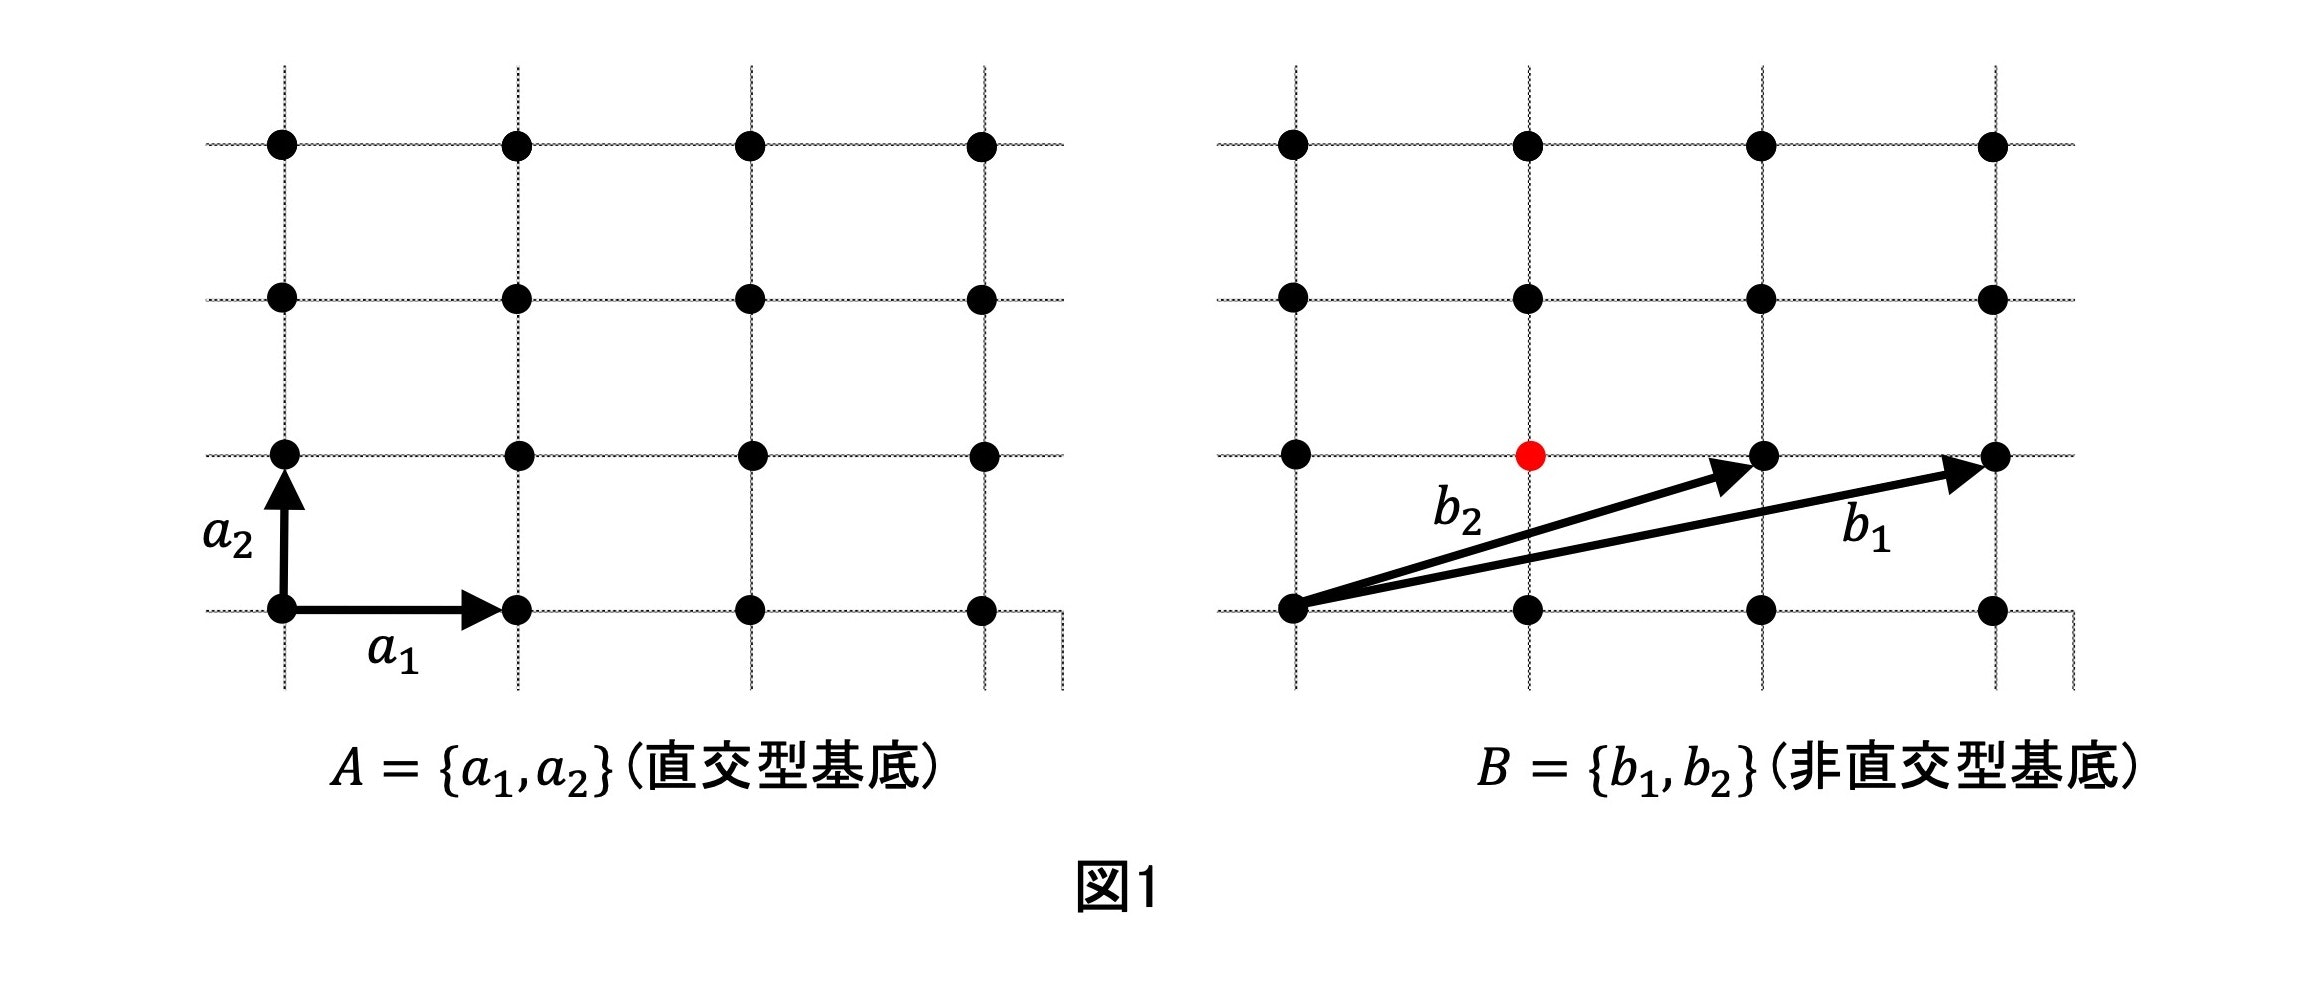 figure1.jpeg